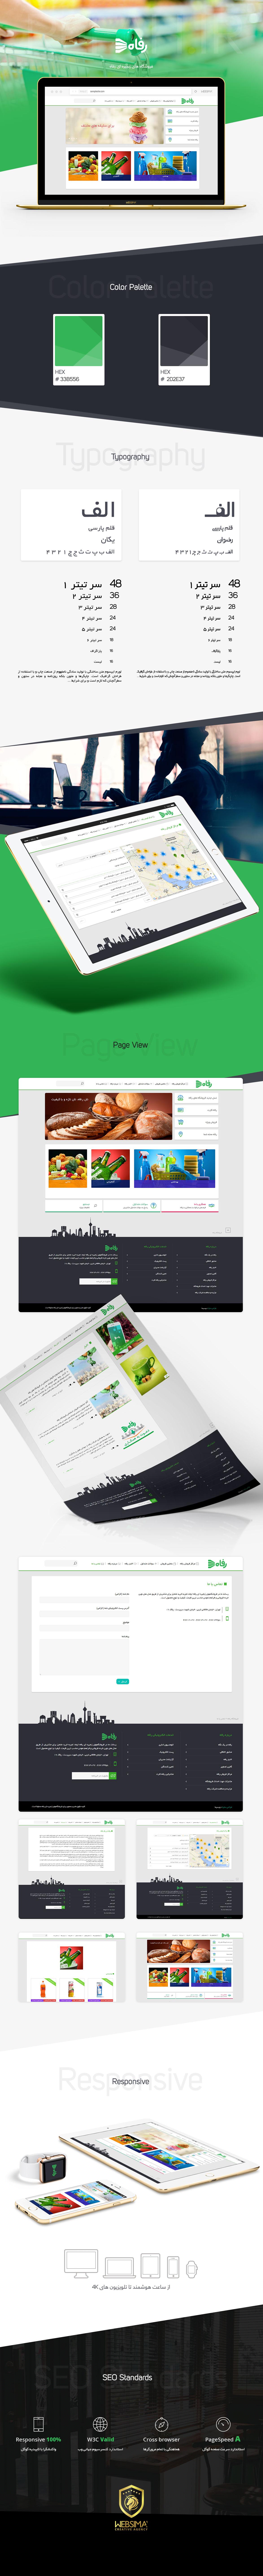 طراحی سایت فروشگاه های زنجیره ای رفاه